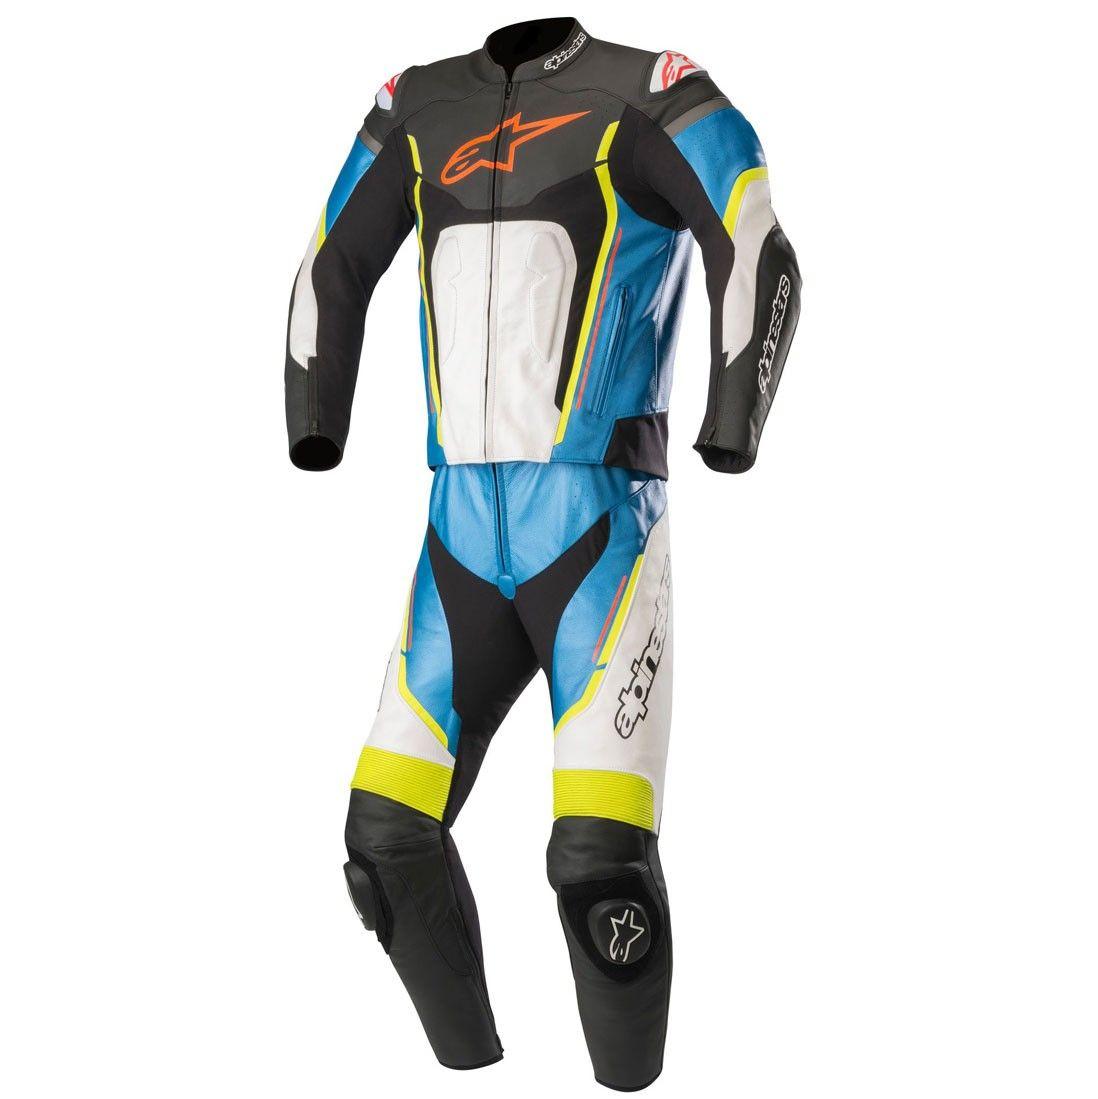 Macacão Alpinestars Motegi V2 Preto/Branco/Azul/Amarelo 2 PEÇAS  - Planet Bike Shop Moto Acessórios